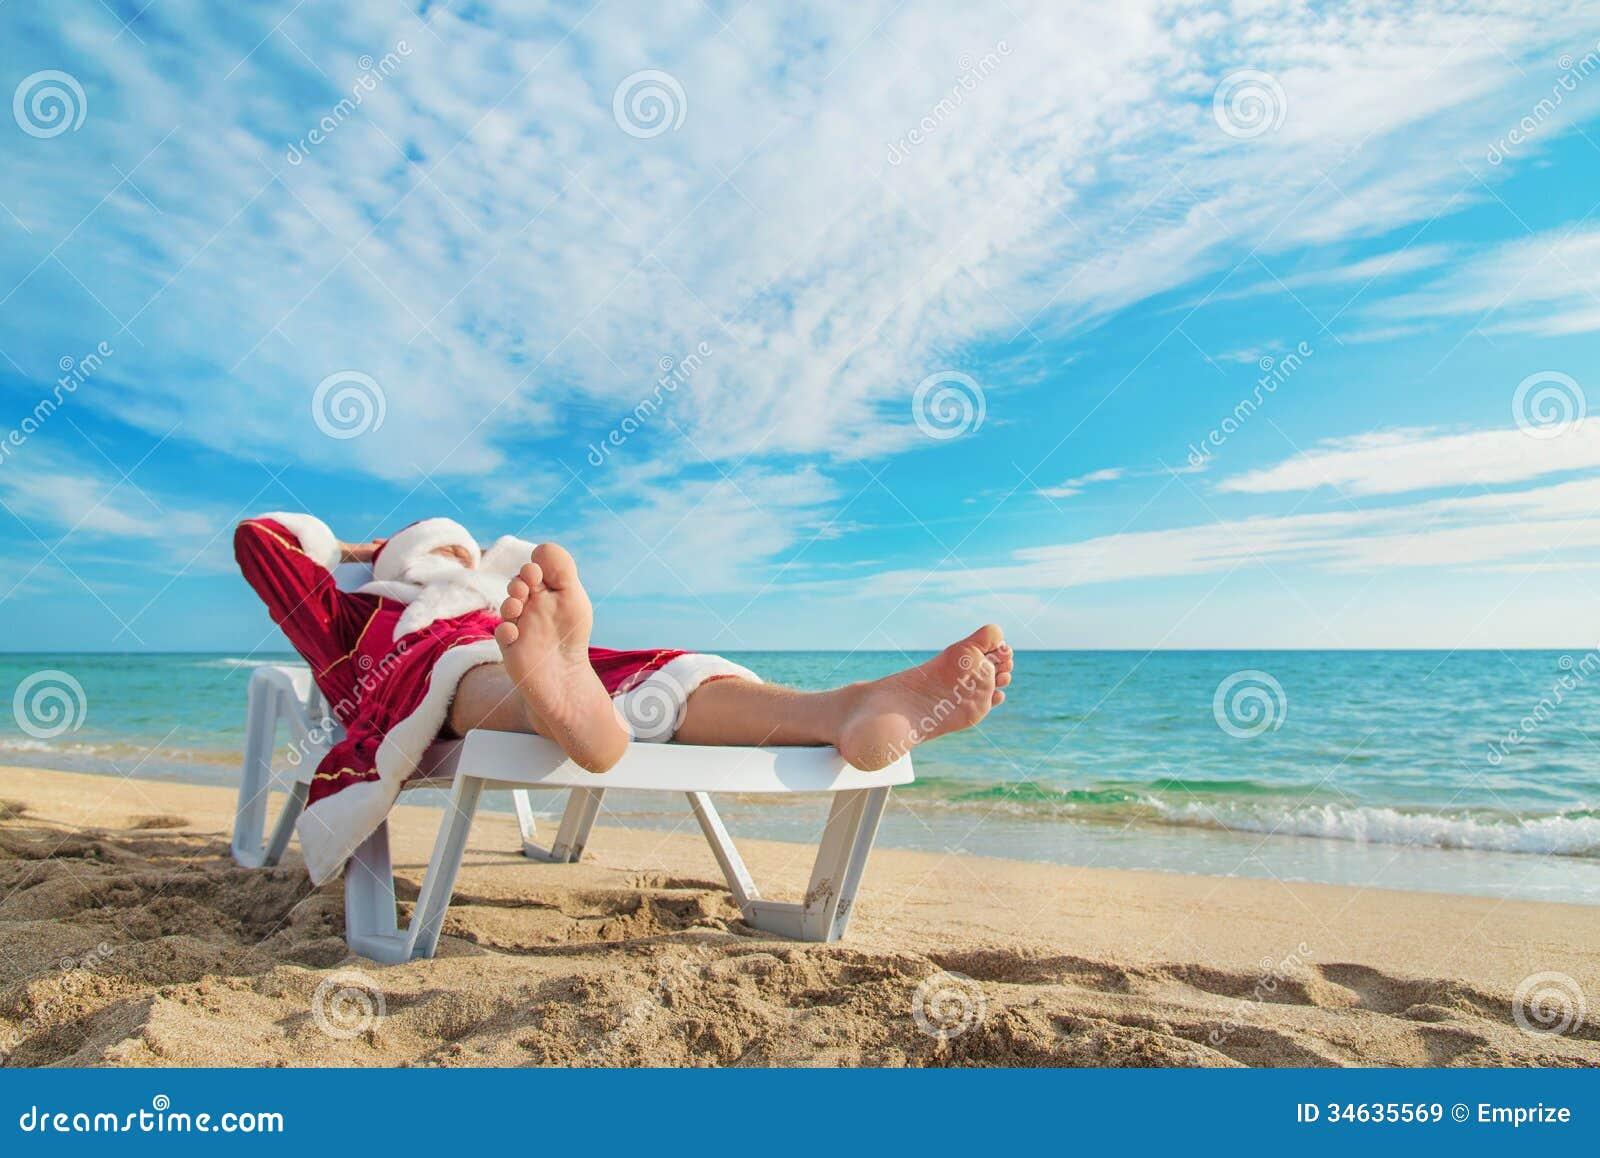 Sunbathing Santa Claus relaxing in bedstone on tropical beach